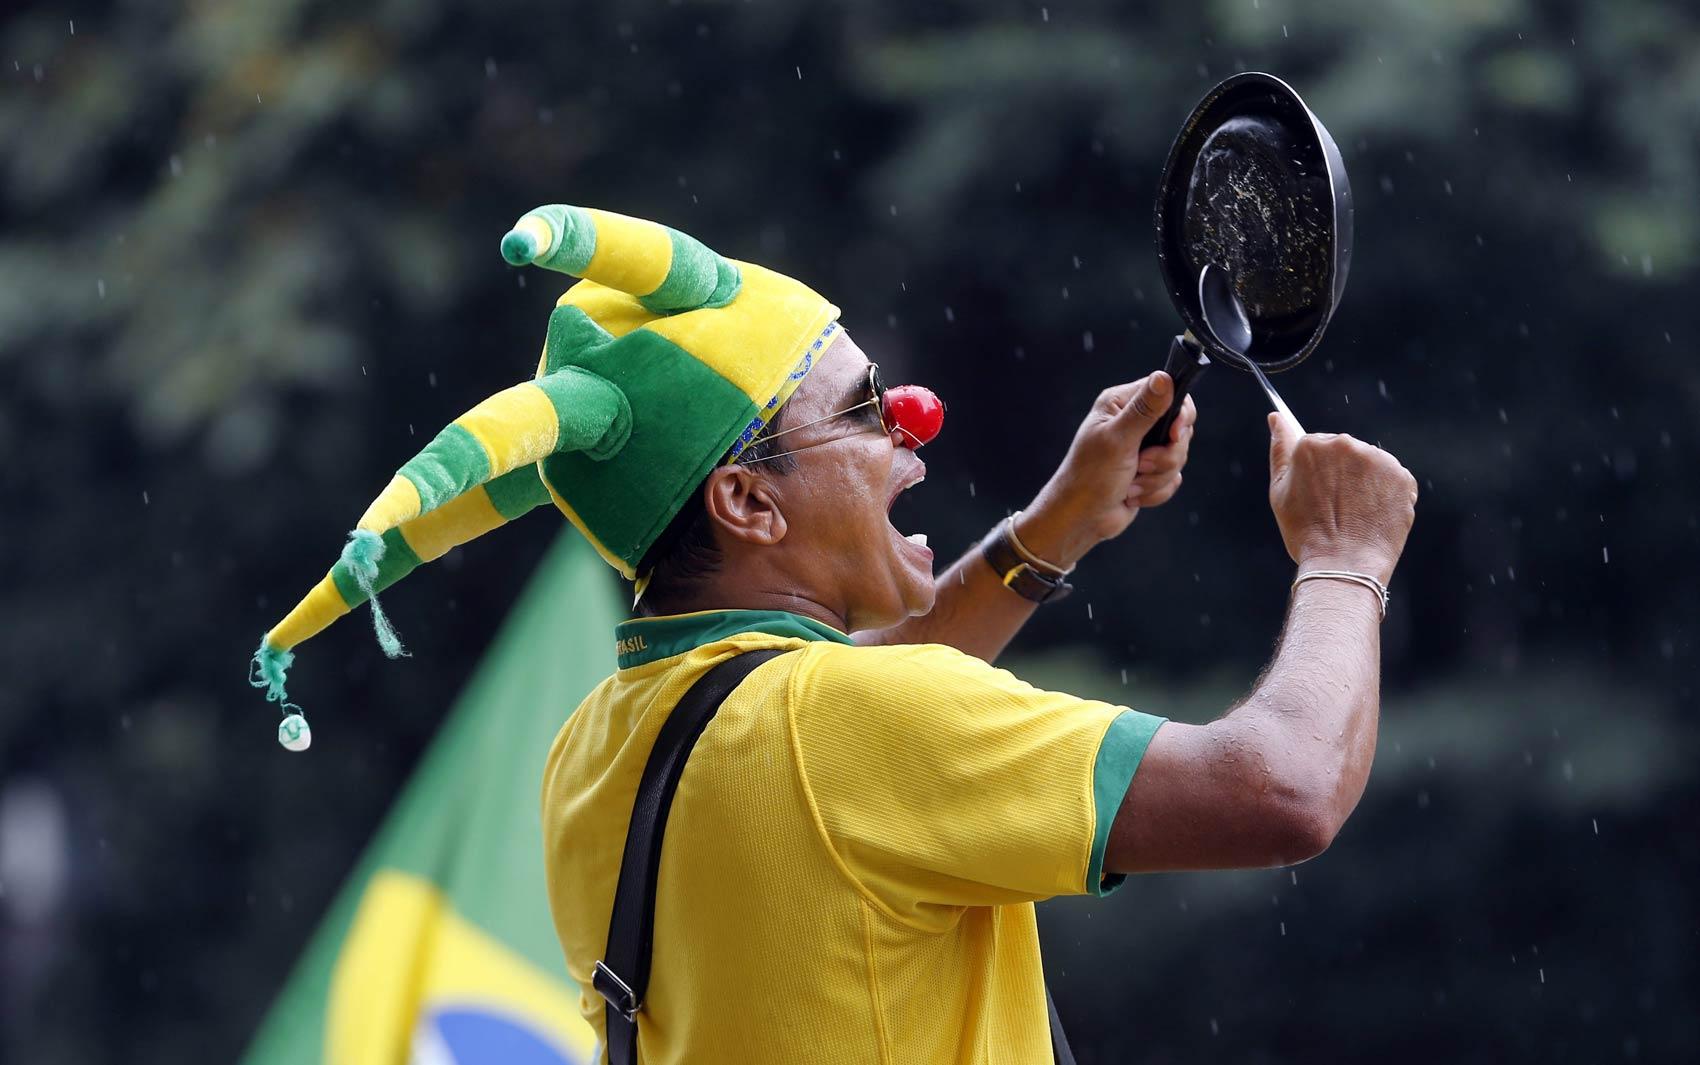 Com nariz de palhaço e batendo em uma panela, manifestante grita durante protesto na Avenida Paulista, em São Paulo